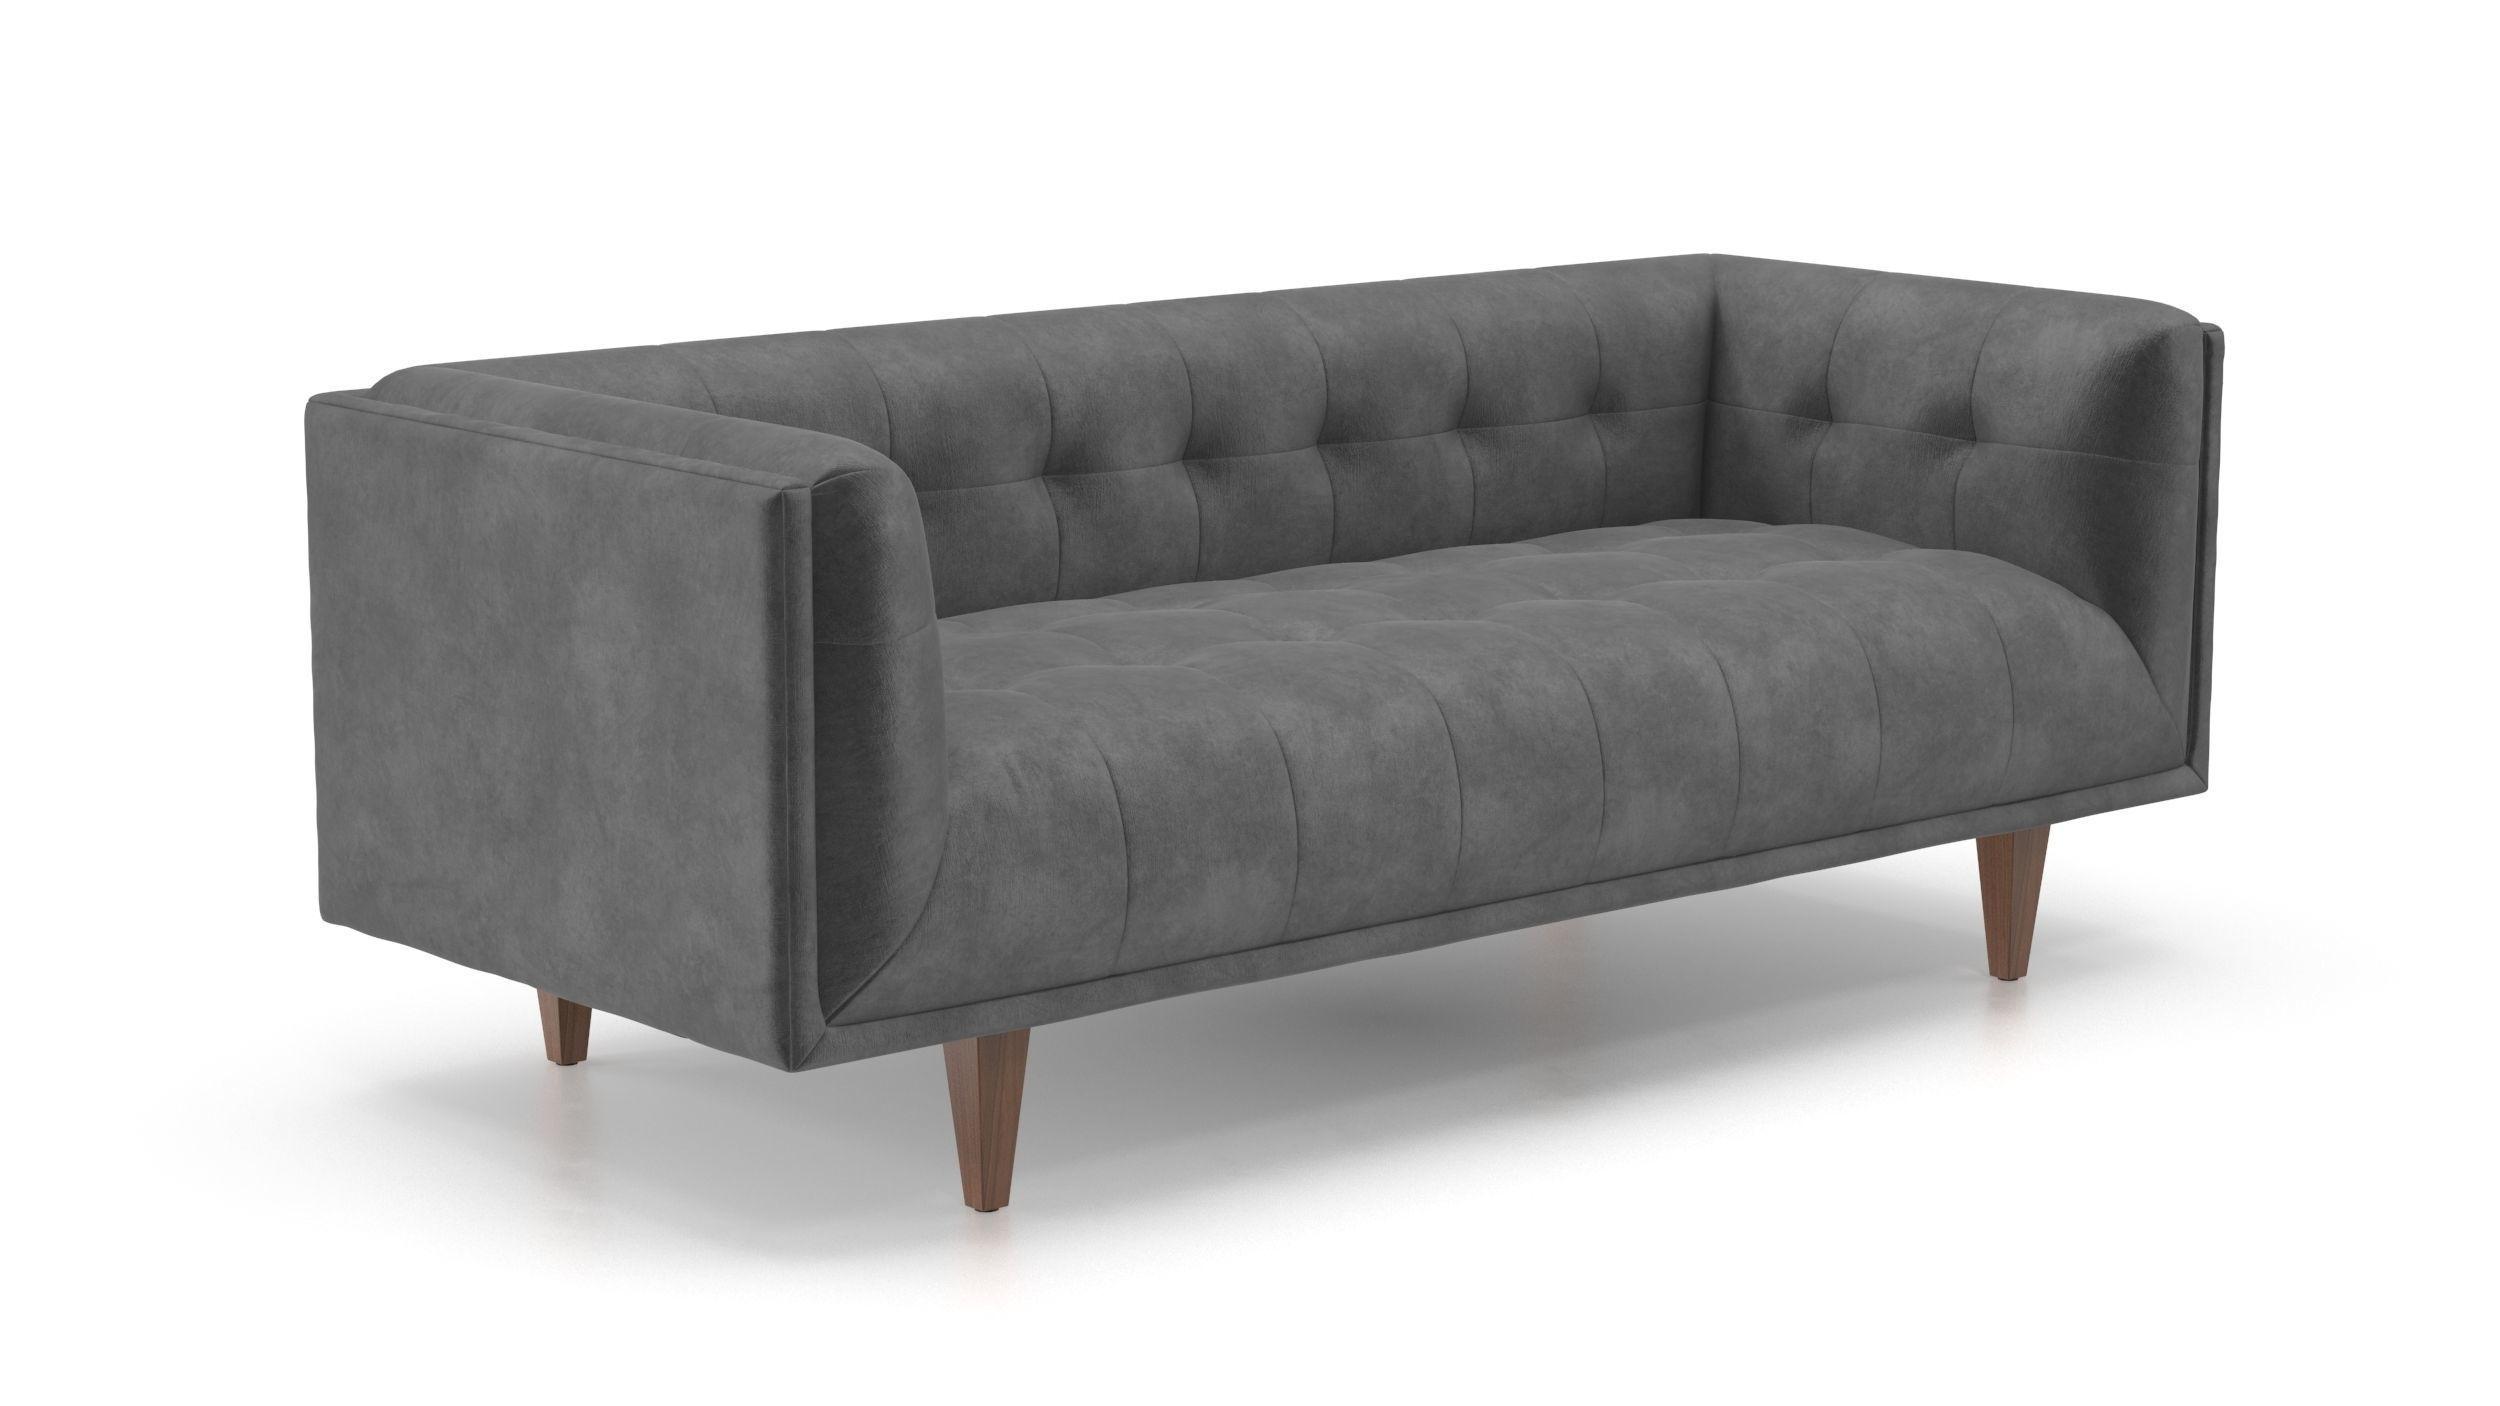 Blau Grau Sofa Blau Wohnzimmer Möbel Samt Sofa Blau Weiß Sofa Design